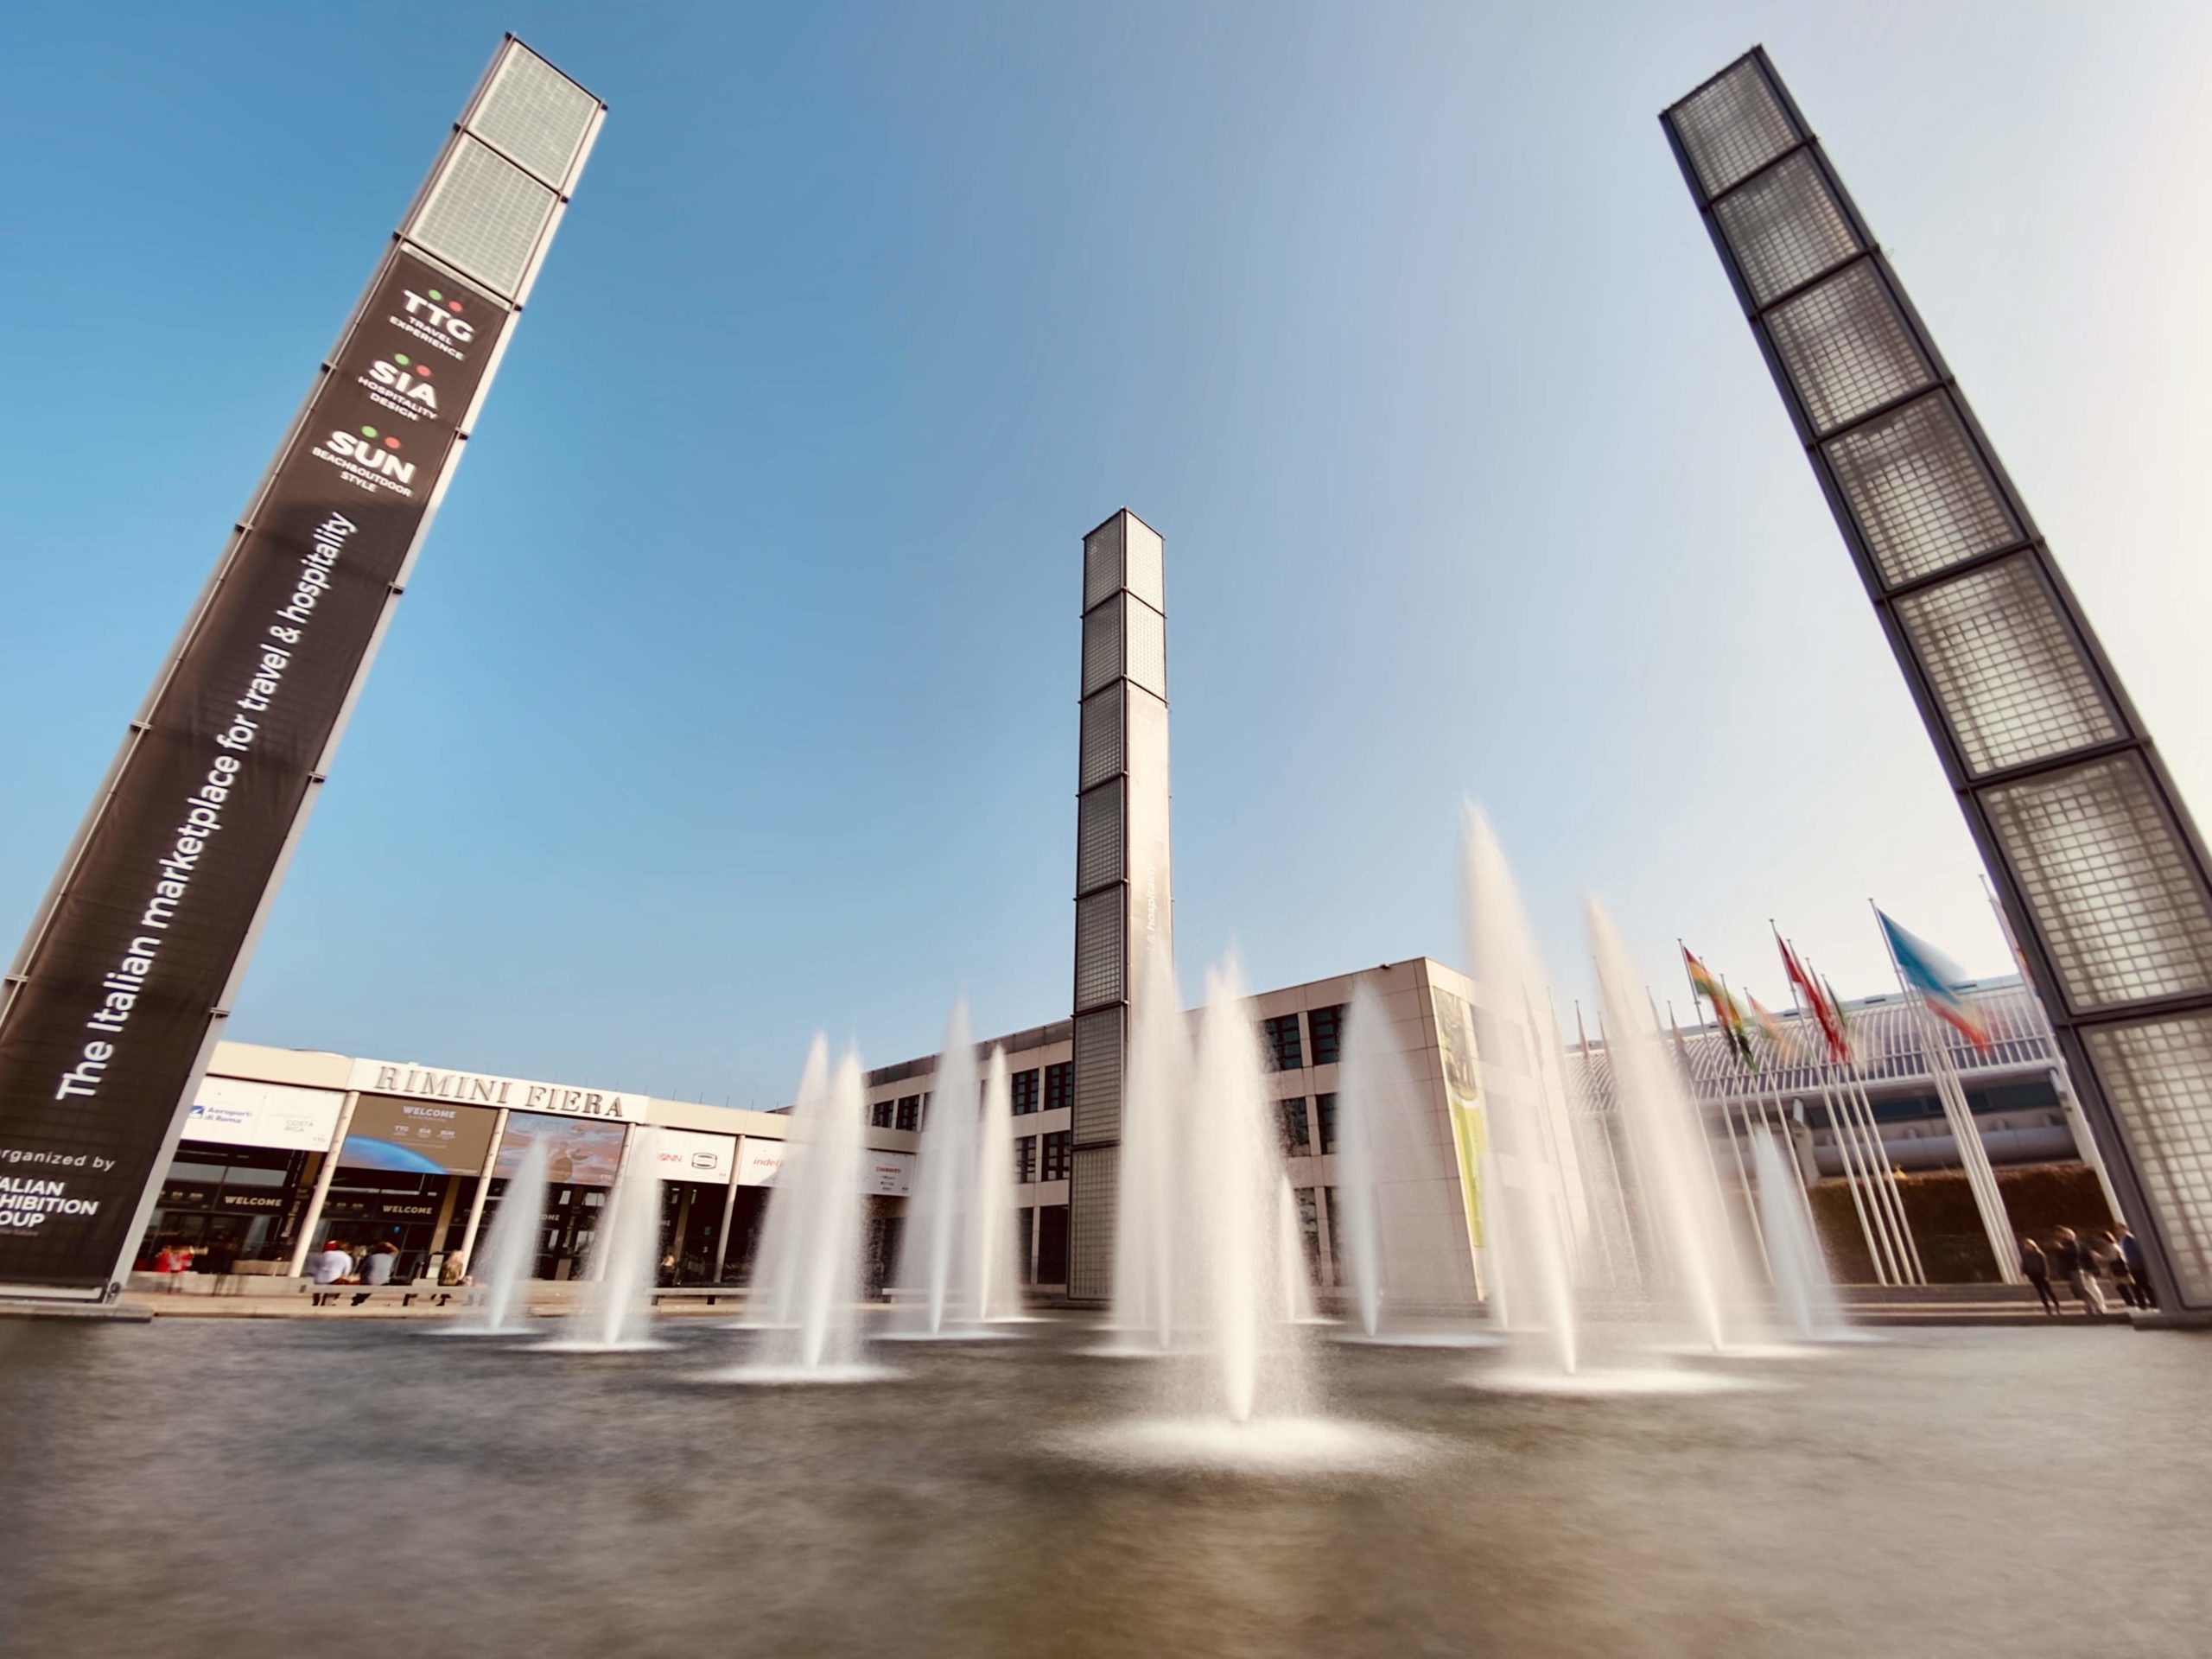 """Nasce a Rimini """"Regeneration!"""", il nuovo distretto di hospitality design firmato SIA"""